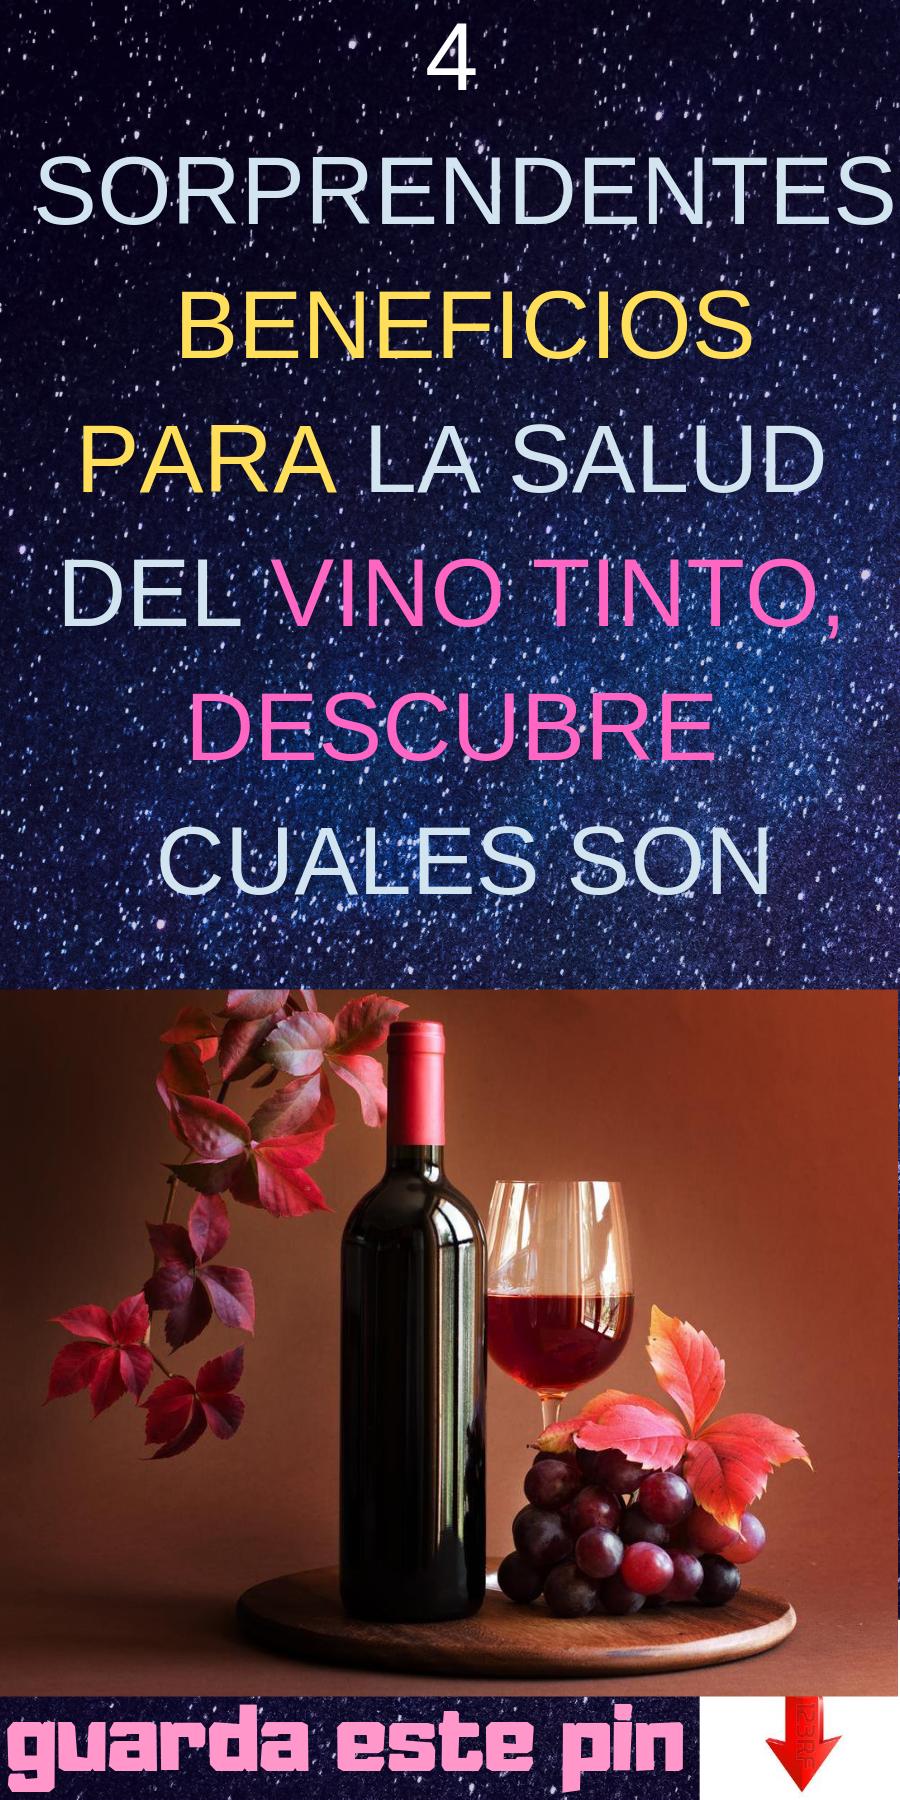 4 Sorprendentes Beneficios Para La Salud Del Vino Tinto Descubre Cuales Son Vino Tinto Vino Salud